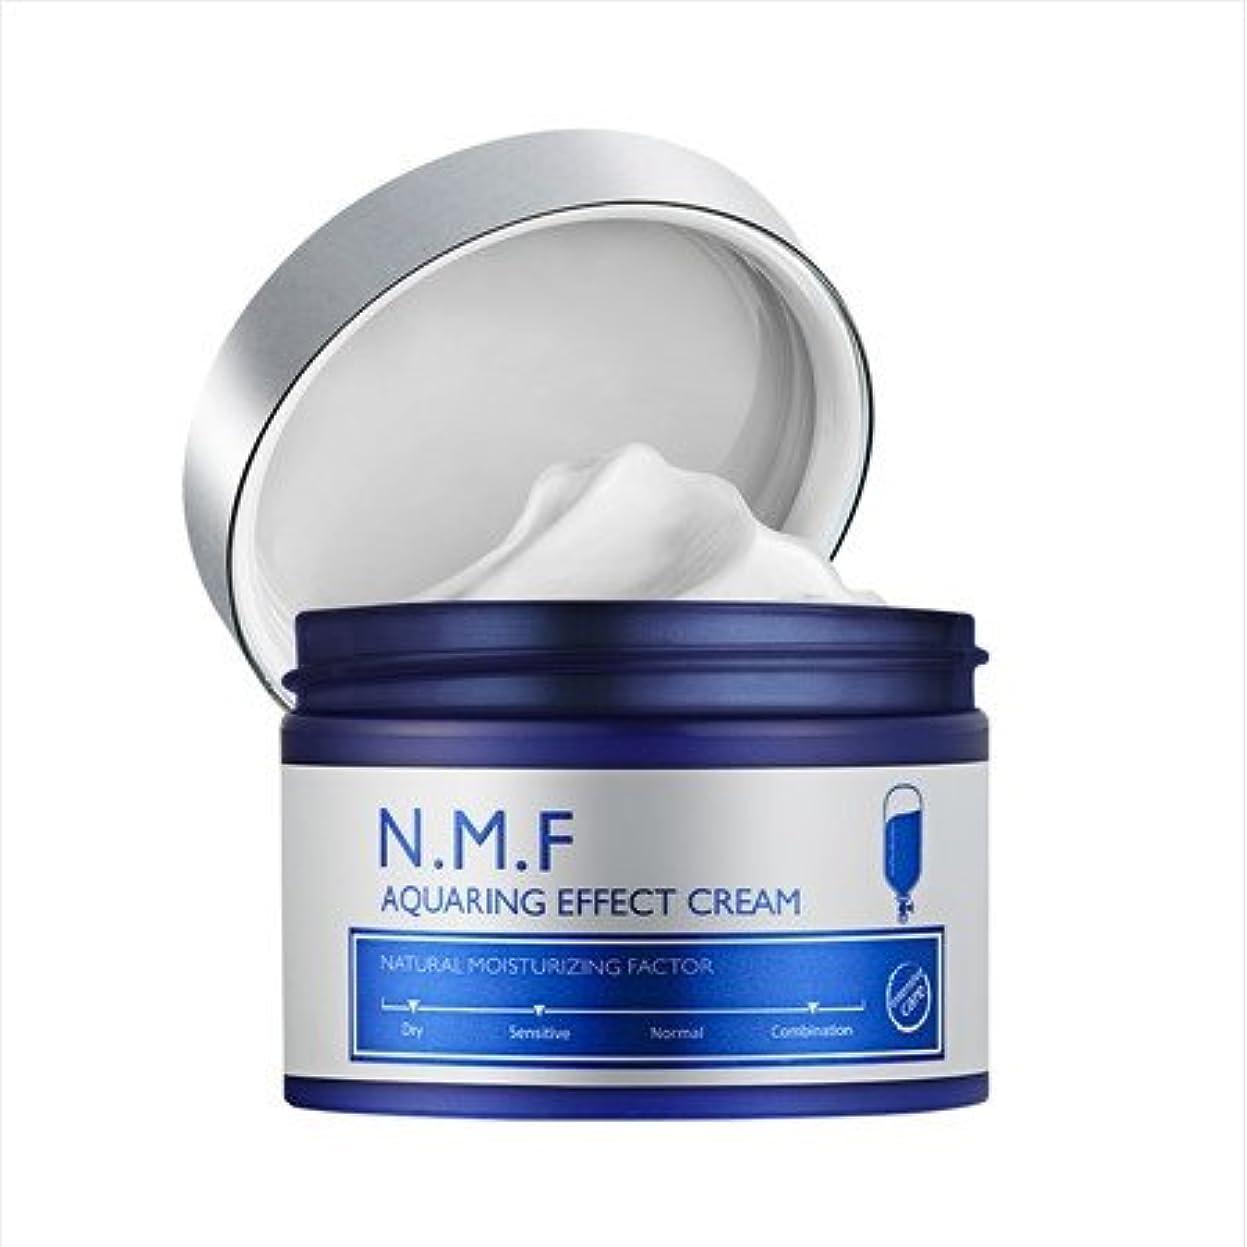 欲しいです関与する激怒メディヒール Mediheal N.M.F クアリングエフェクトクリームNMF Aqua Ring Effect Cream 50ml [並行輸入品]